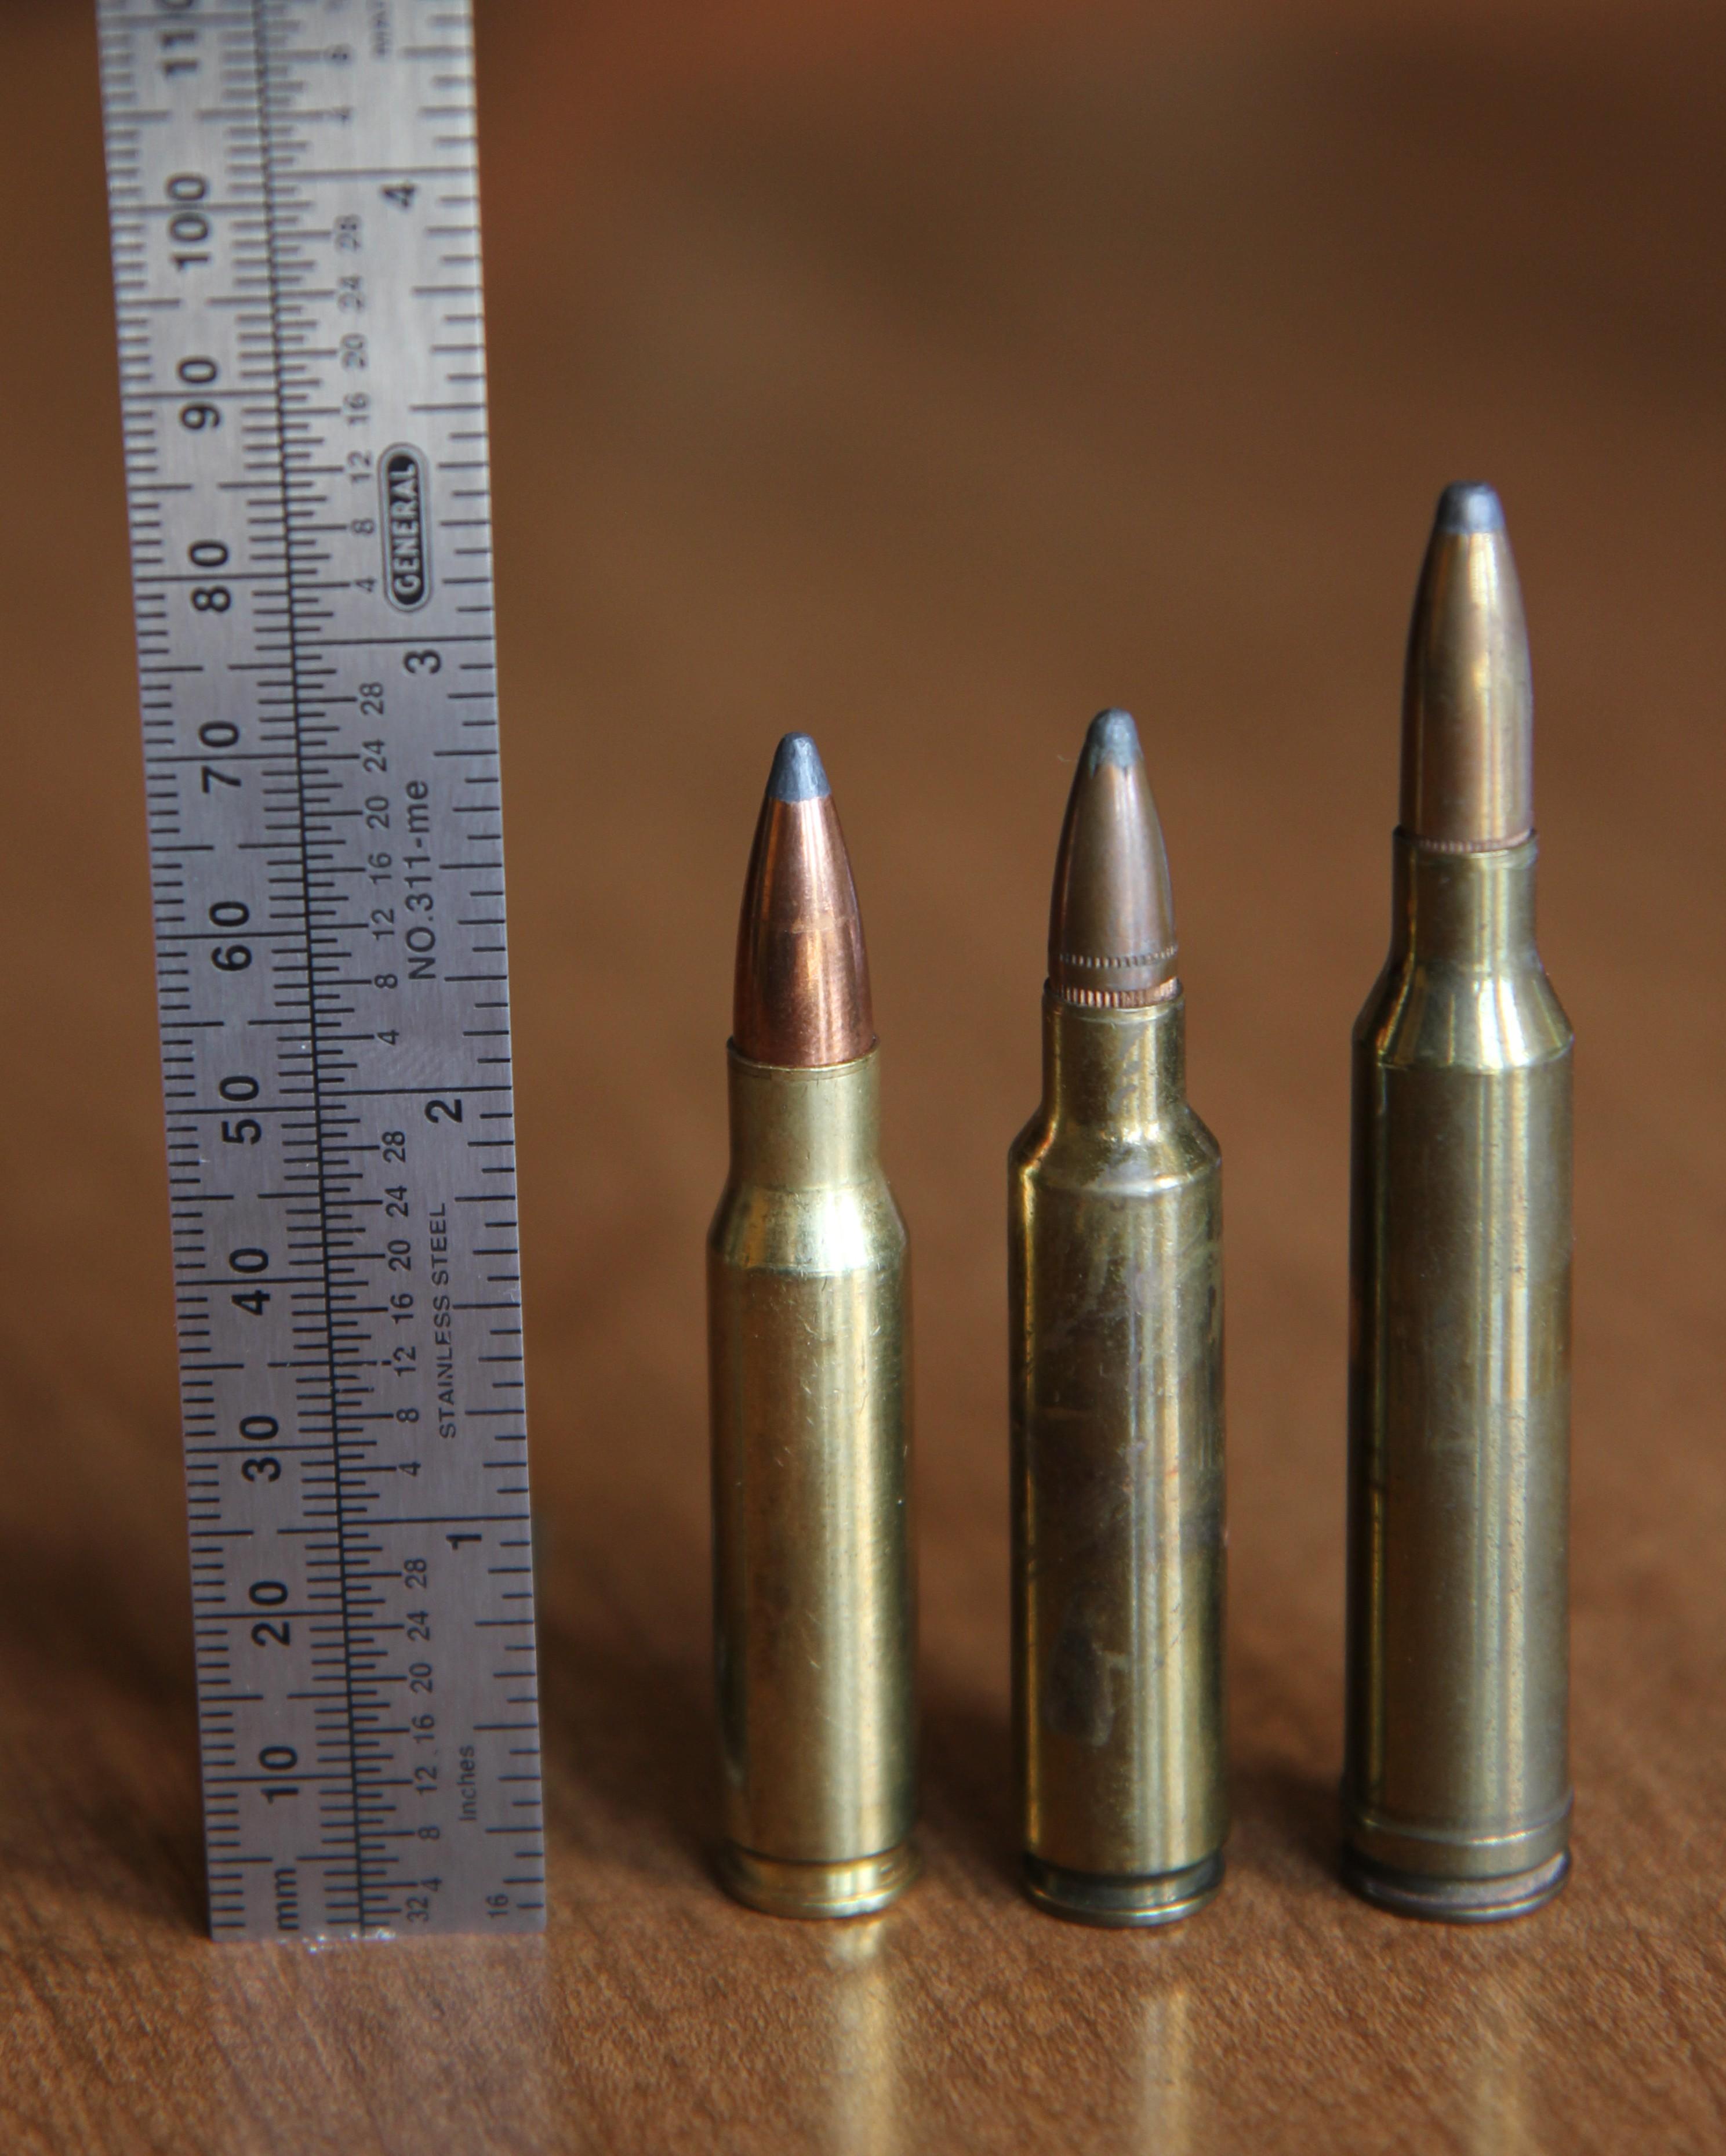 Bullet Caliber Sizes : bullet, caliber, sizes, Remington, Magnum, Wikipedia